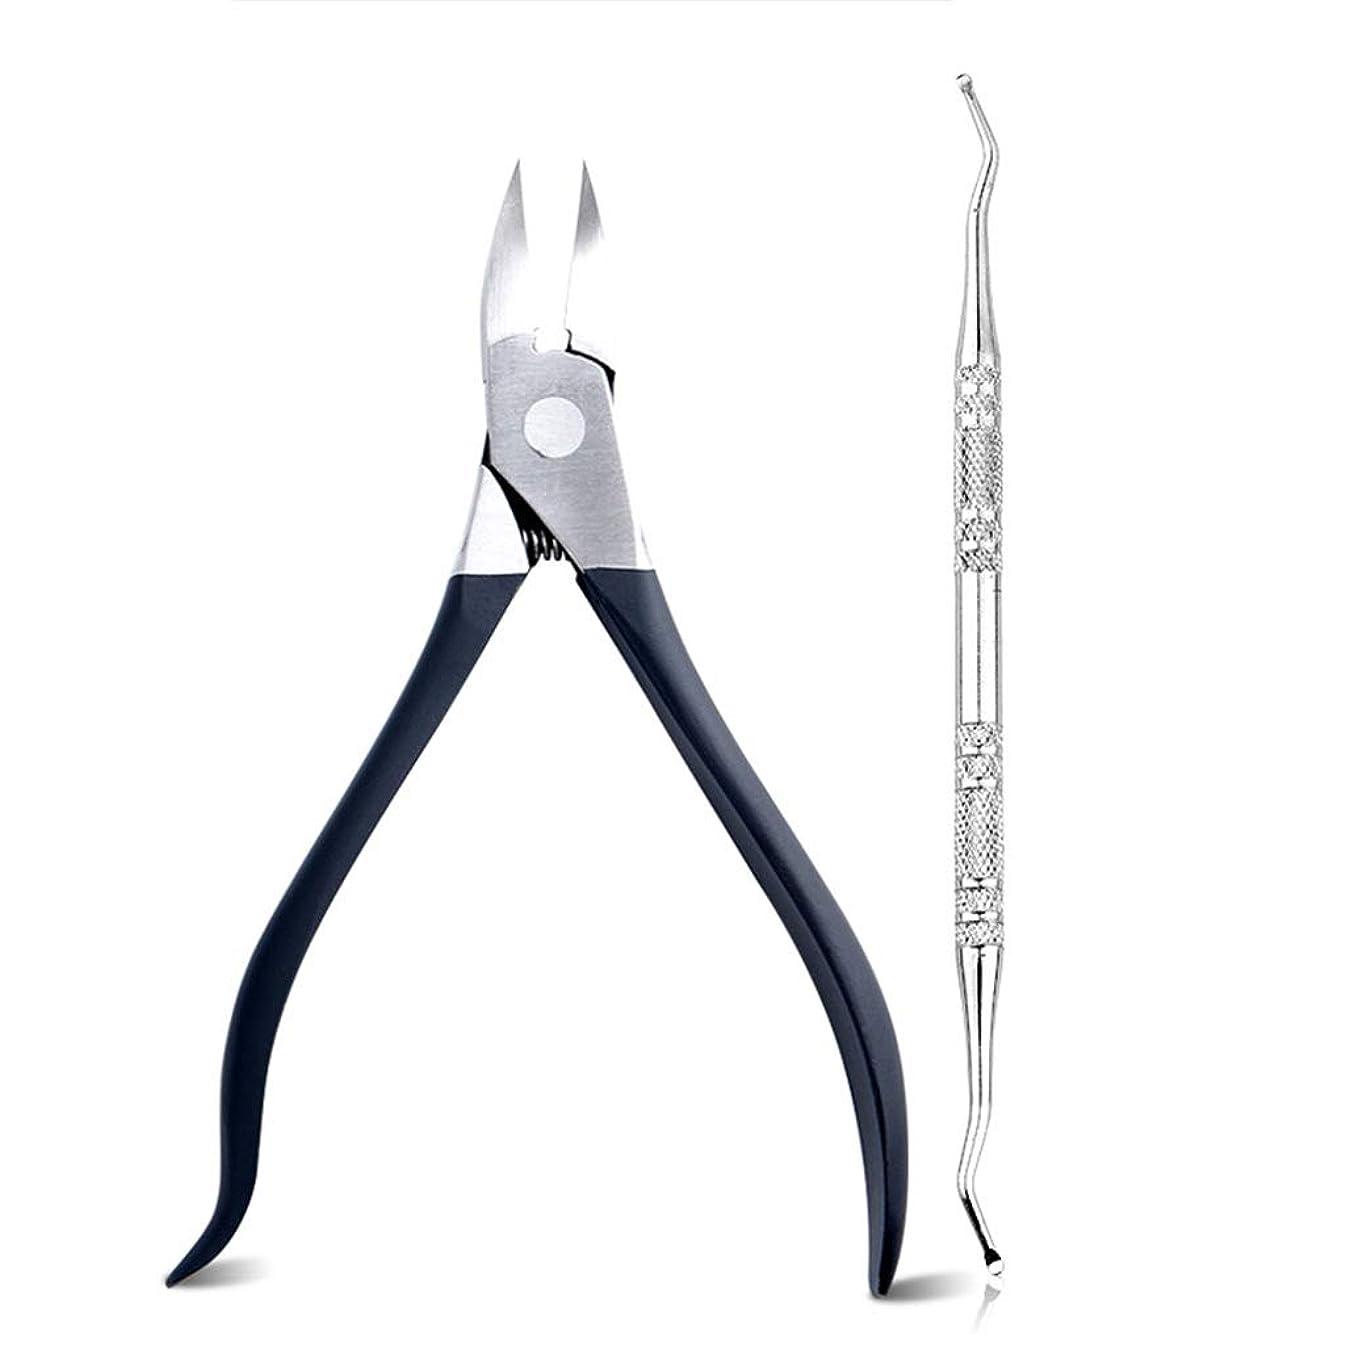 神の閉塞前者ネイルクリッパー、爪切りセットステンレス鋼肘頭カット厚い爪シングルペディキュアアーティファクトに適した大人,B